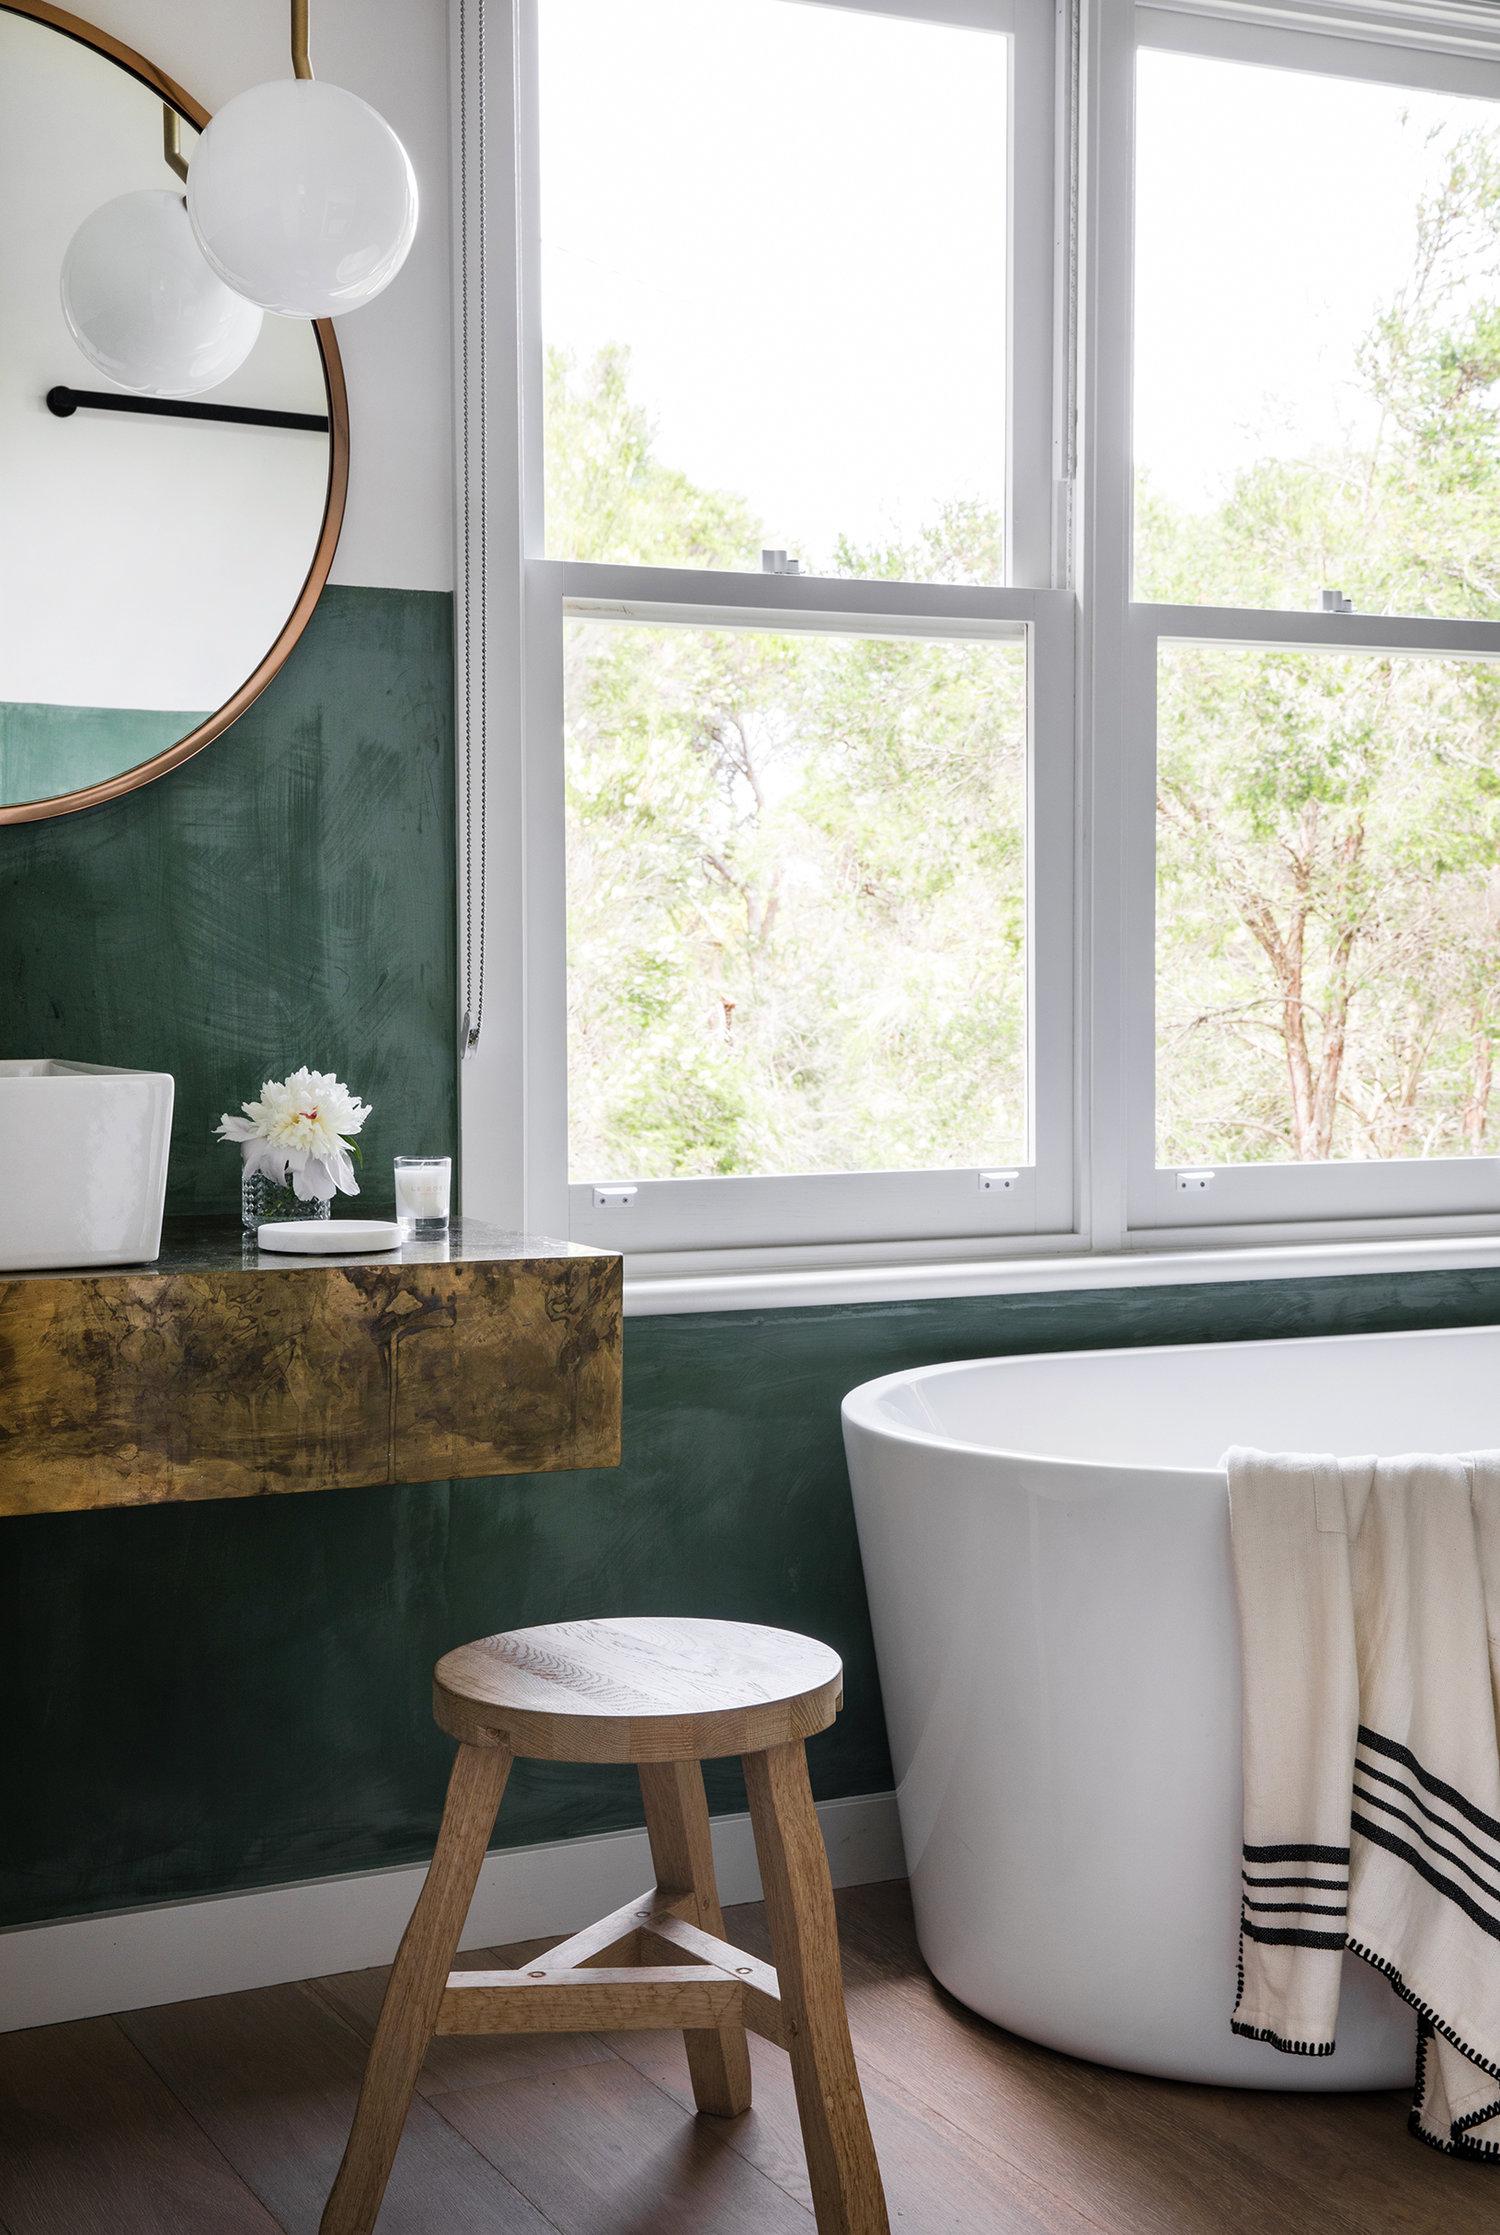 demi-mur peint en vert et salle de bain moderne avec du bois rustique | visite de la maison sur coco kelley